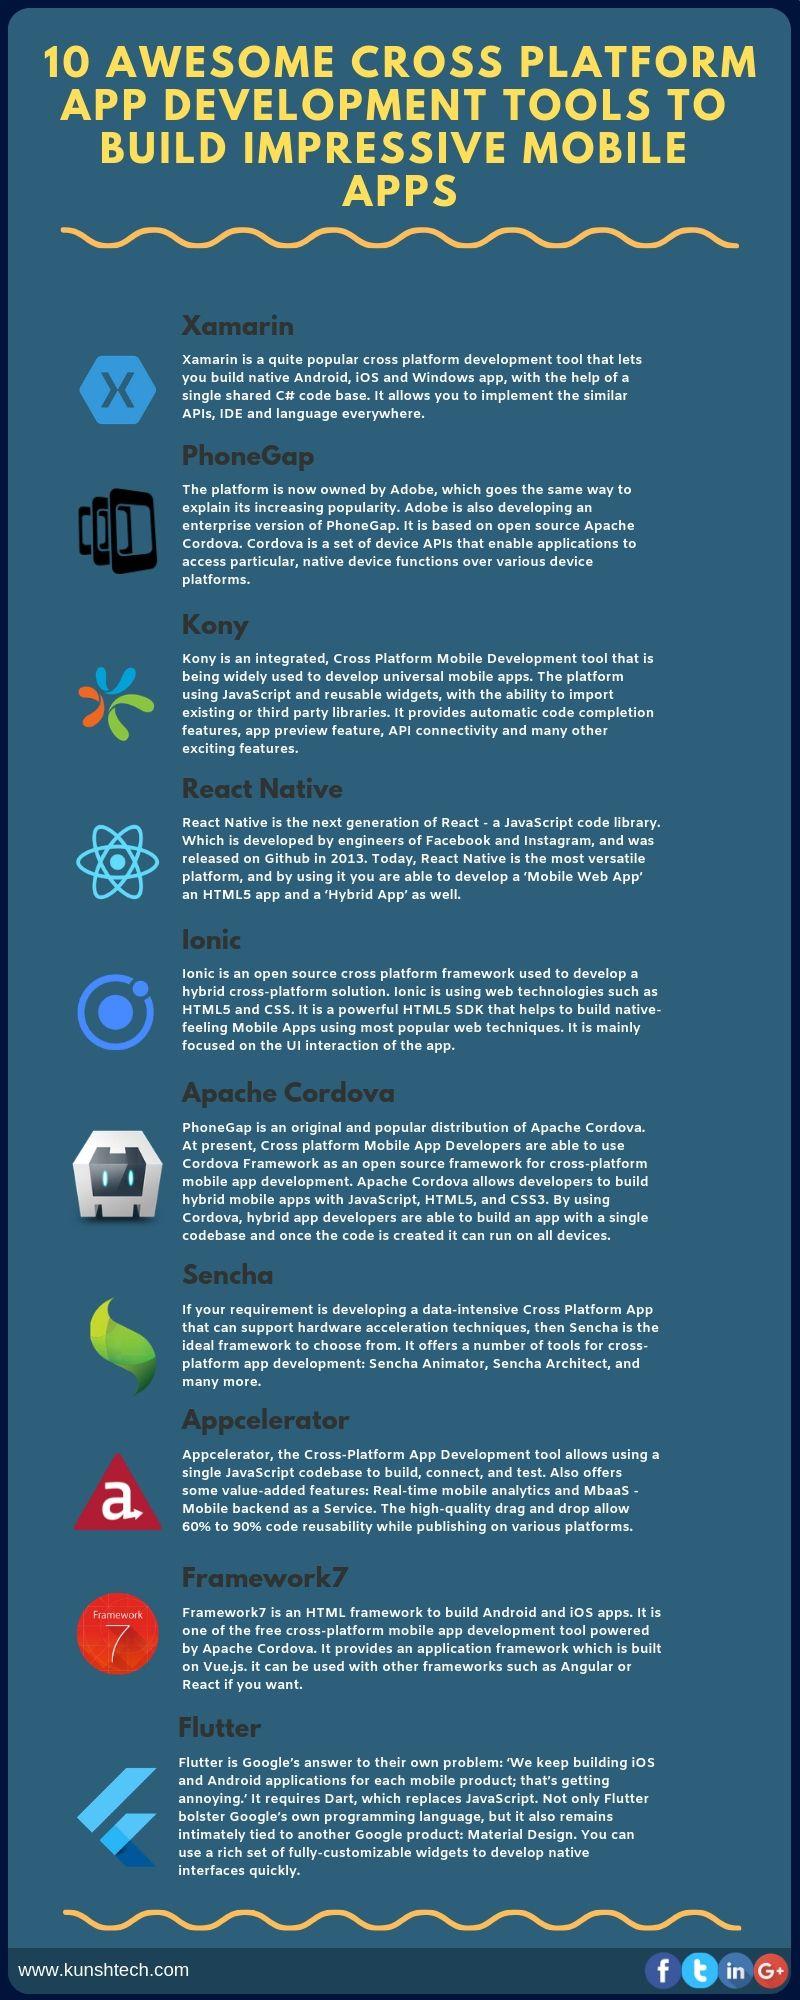 Cross Platform App Development - Kunsh Technologies [Cross